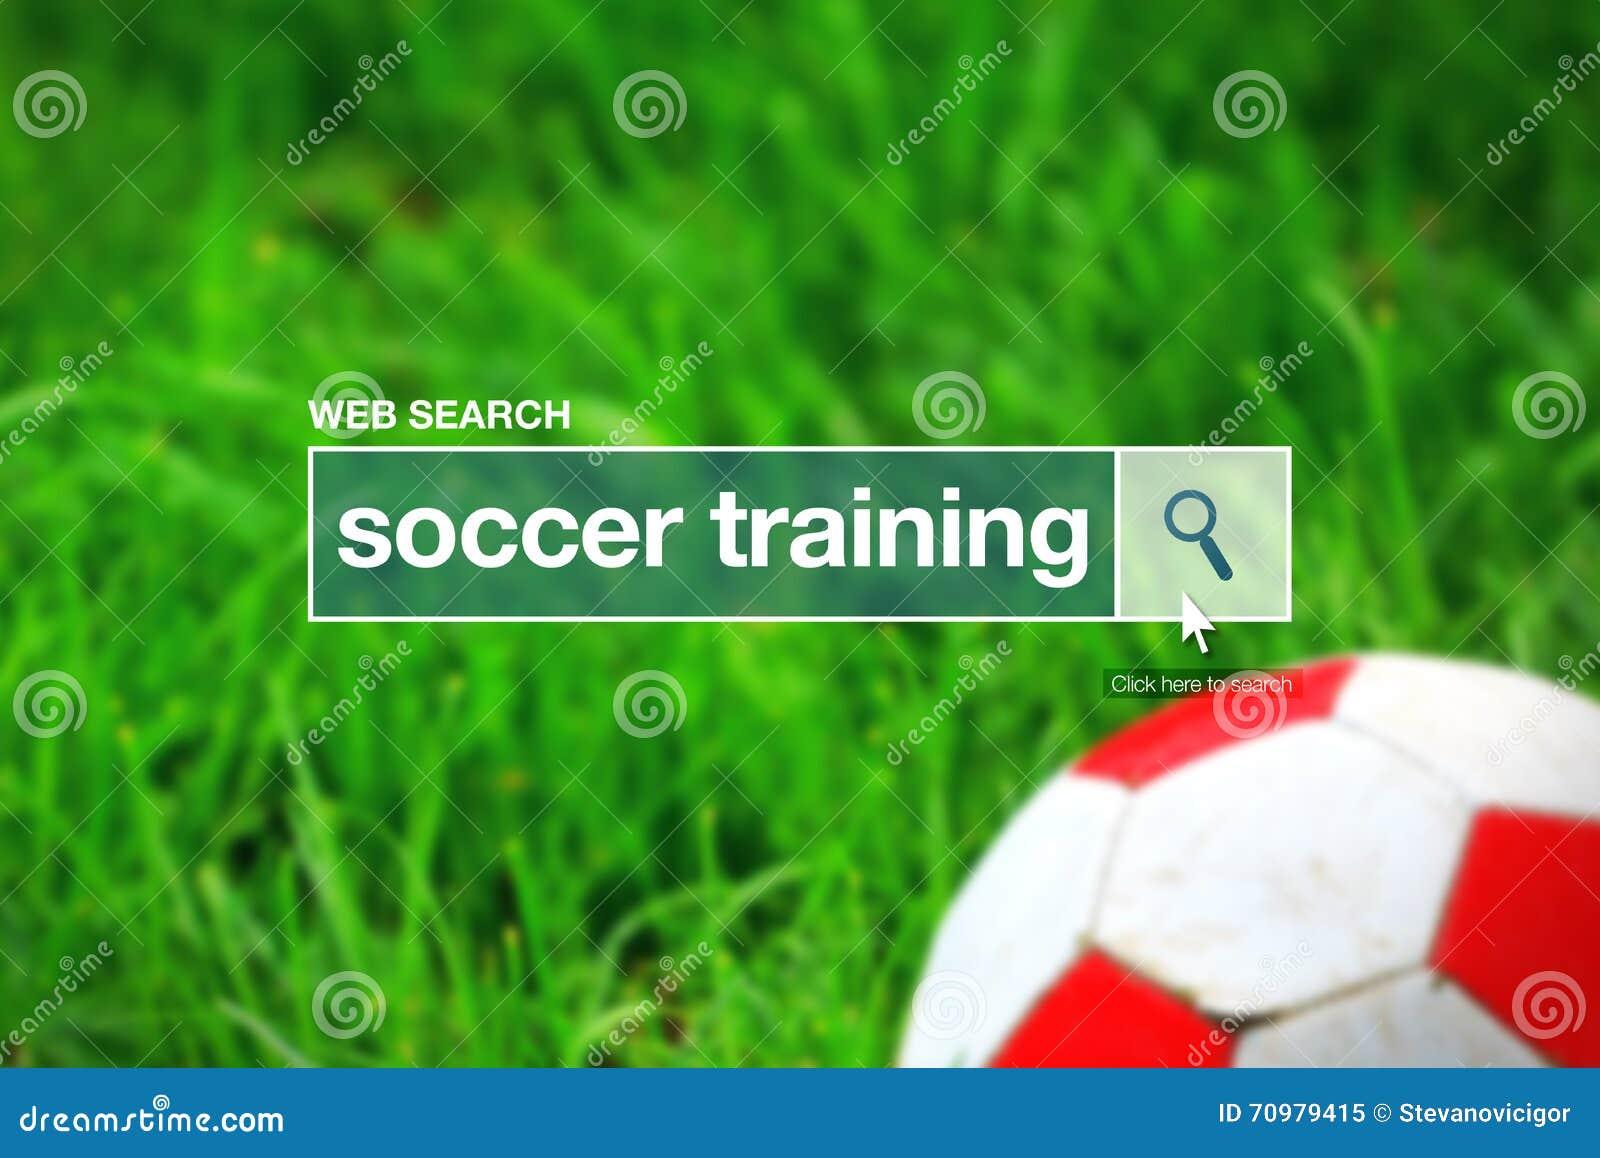 Término del glosario de la barra de la búsqueda del web - entrenamiento del fútbol